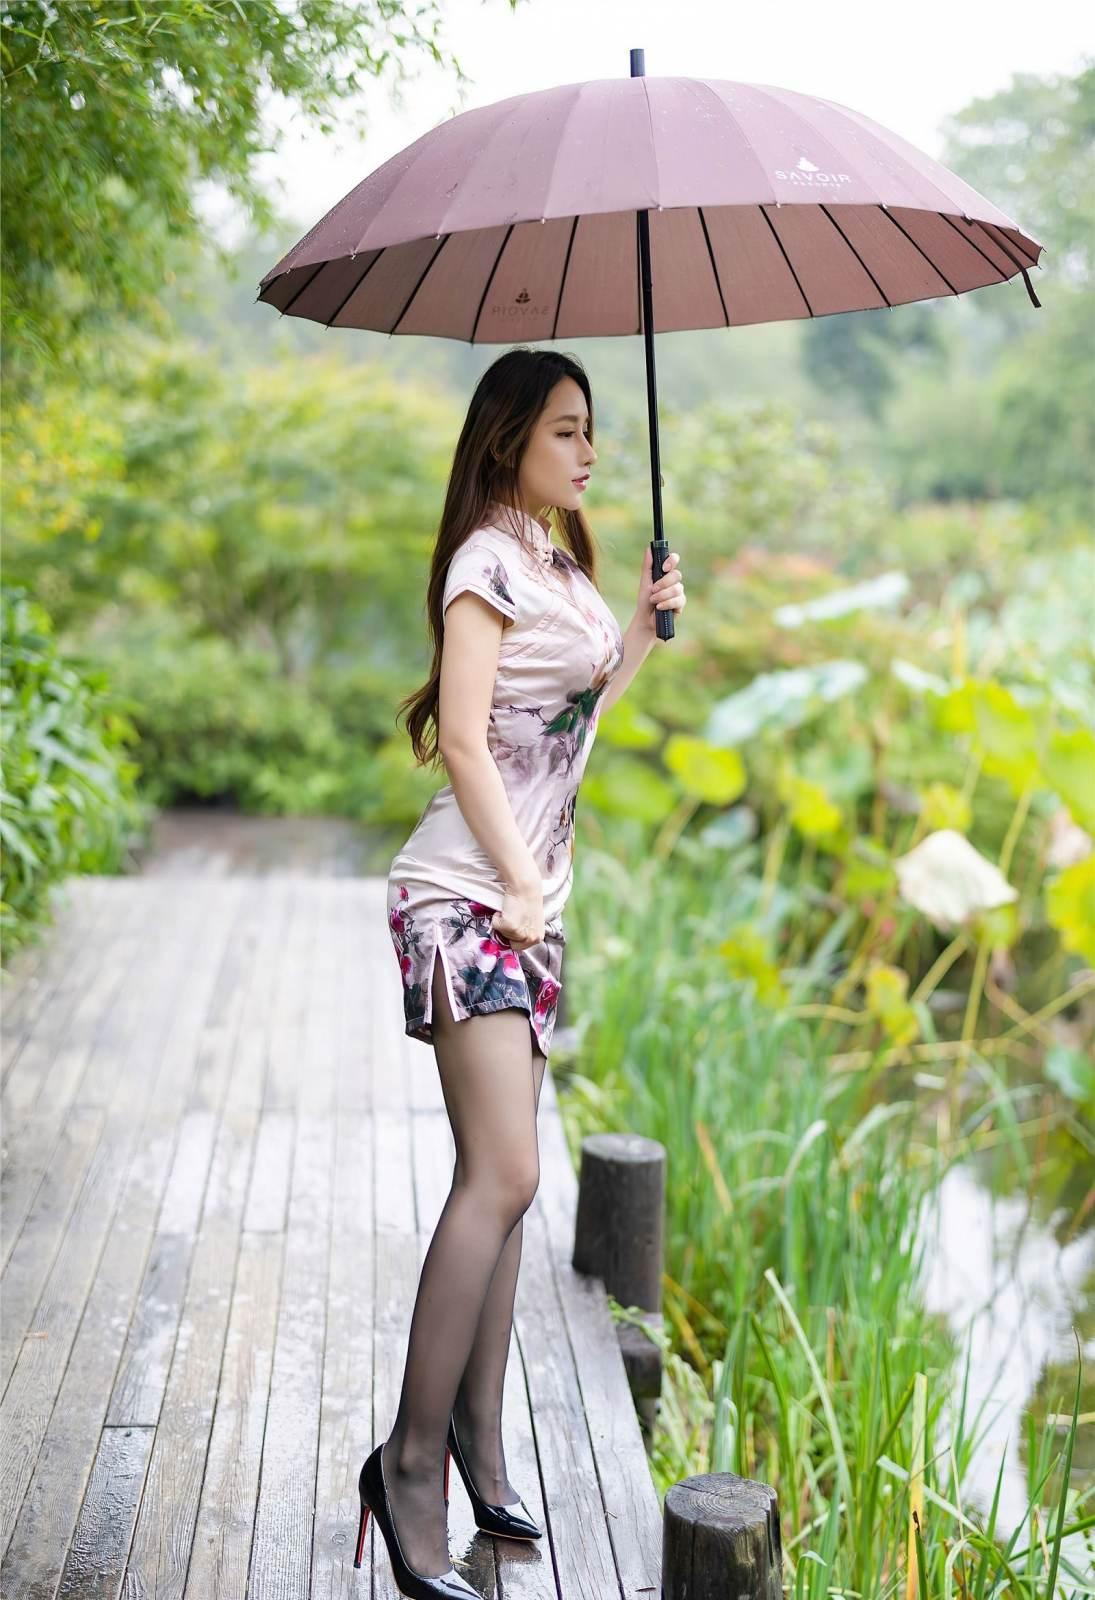 第314期回眸一笑,百媚丛生。徐安安(高跟,丝袜,旗袍,黑丝,丝足,裸足)_图片2